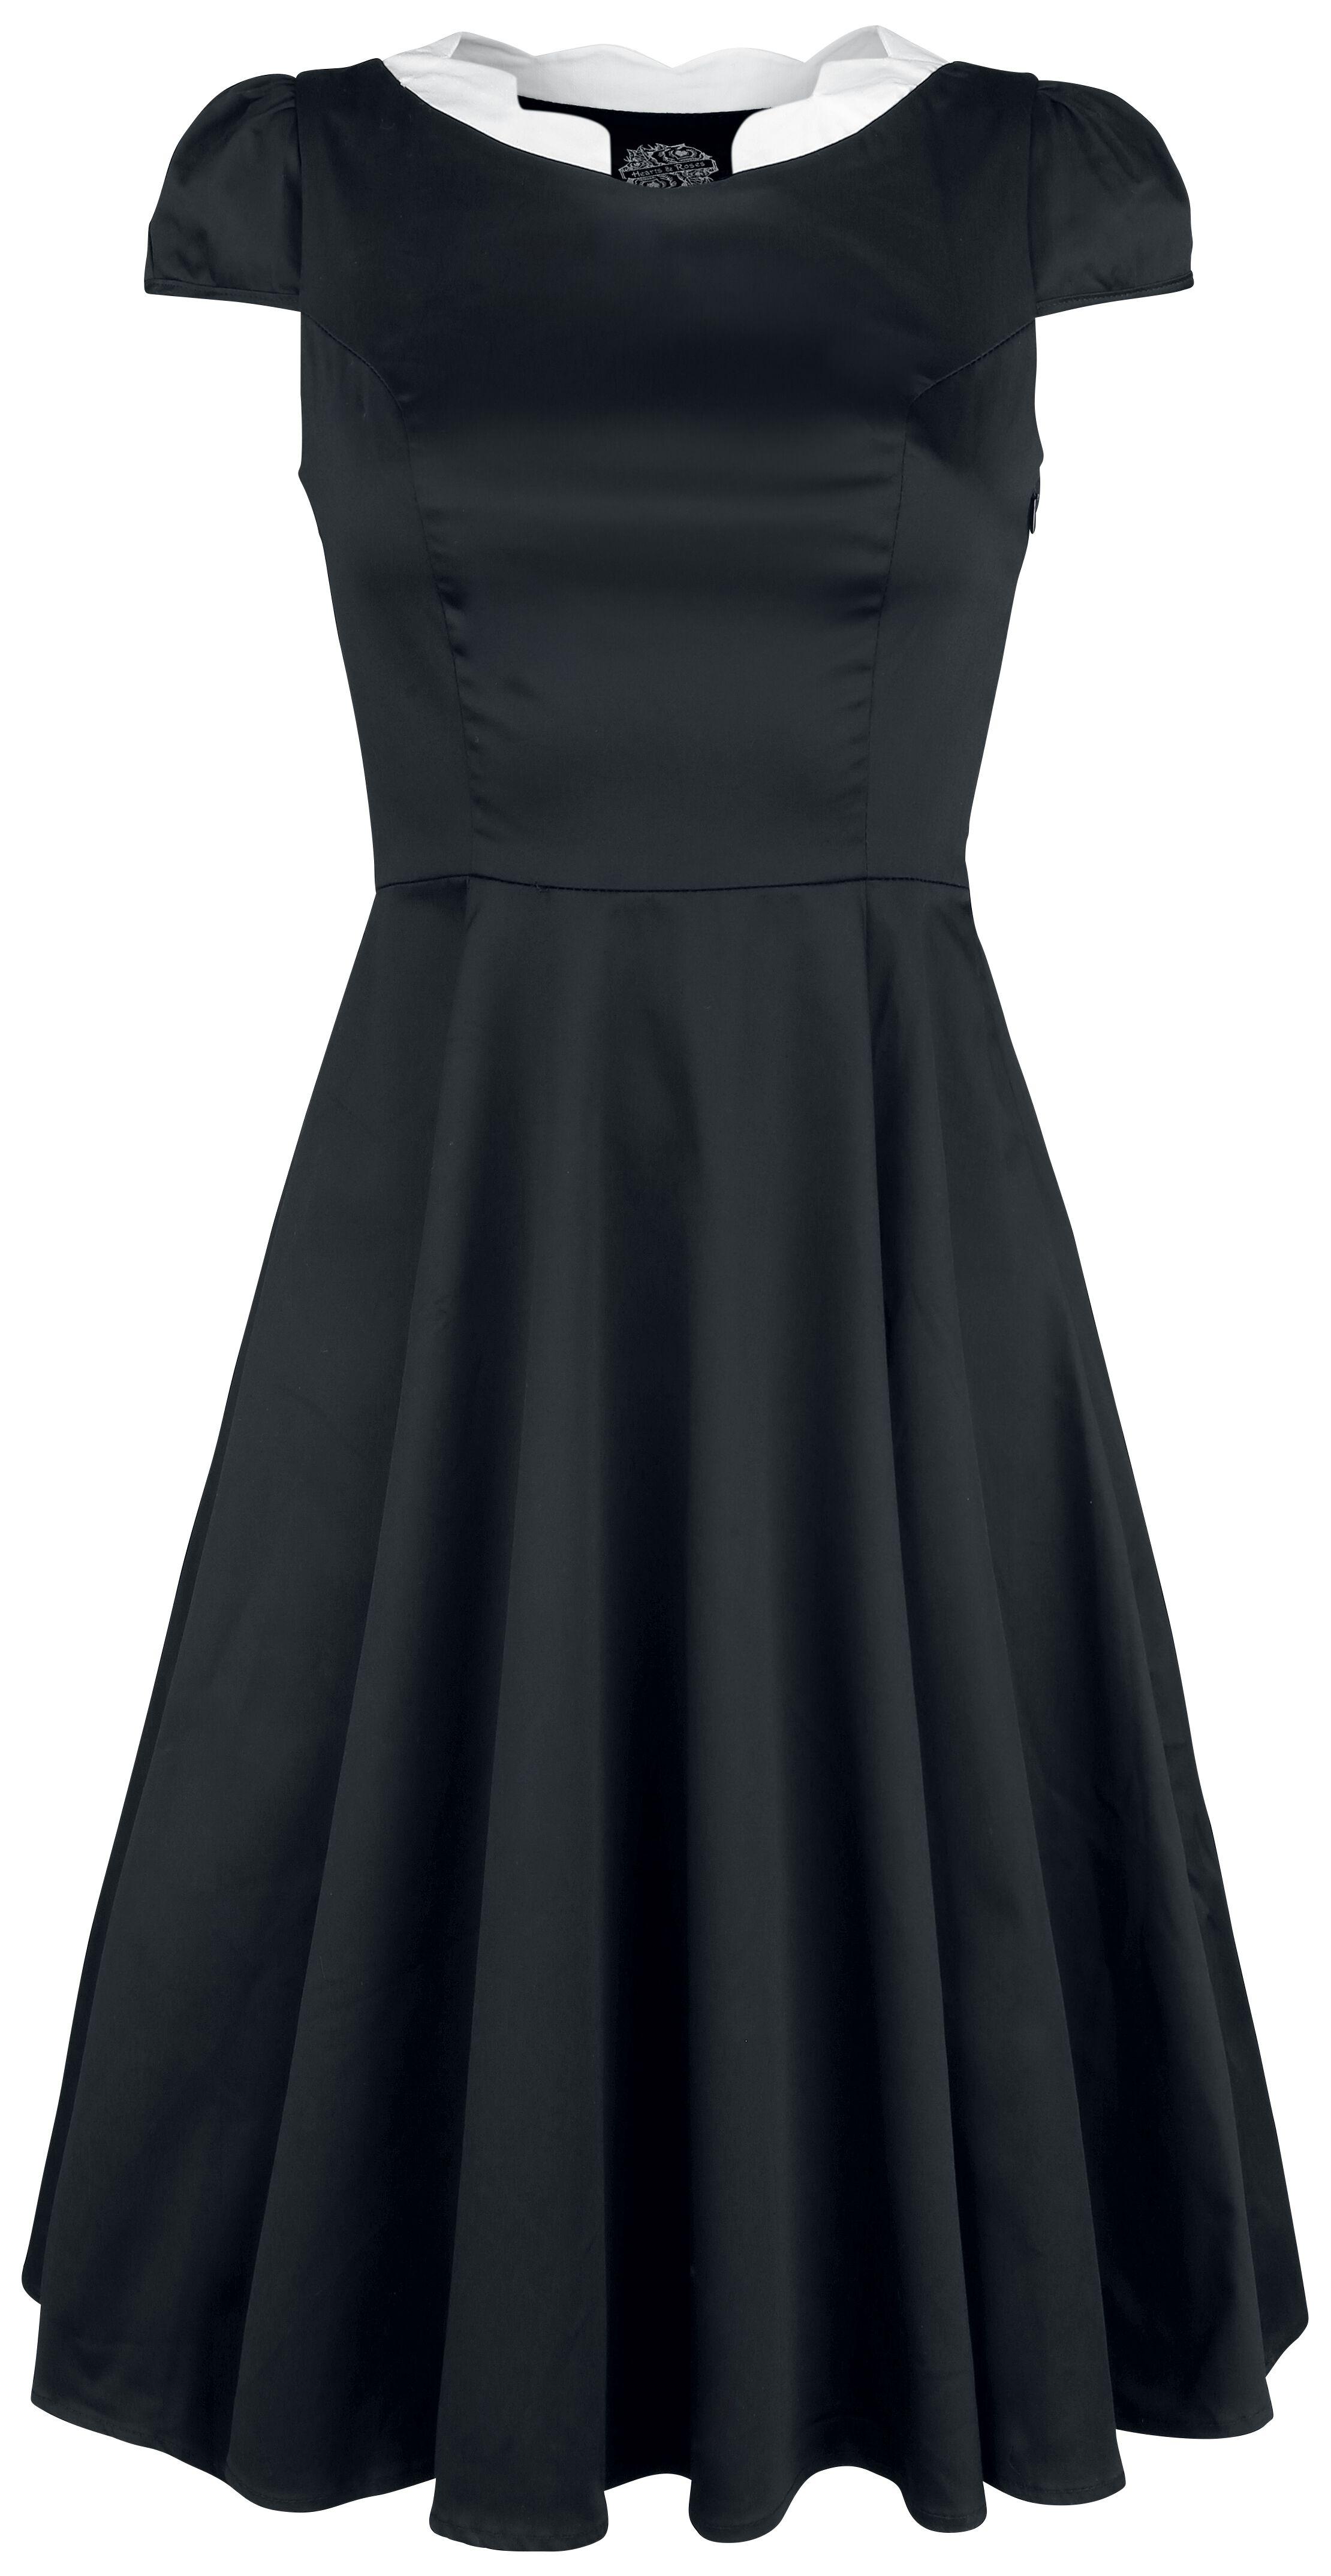 Kleider - H R London Priscilla Dress Mittellanges Kleid schwarz  - Onlineshop EMP